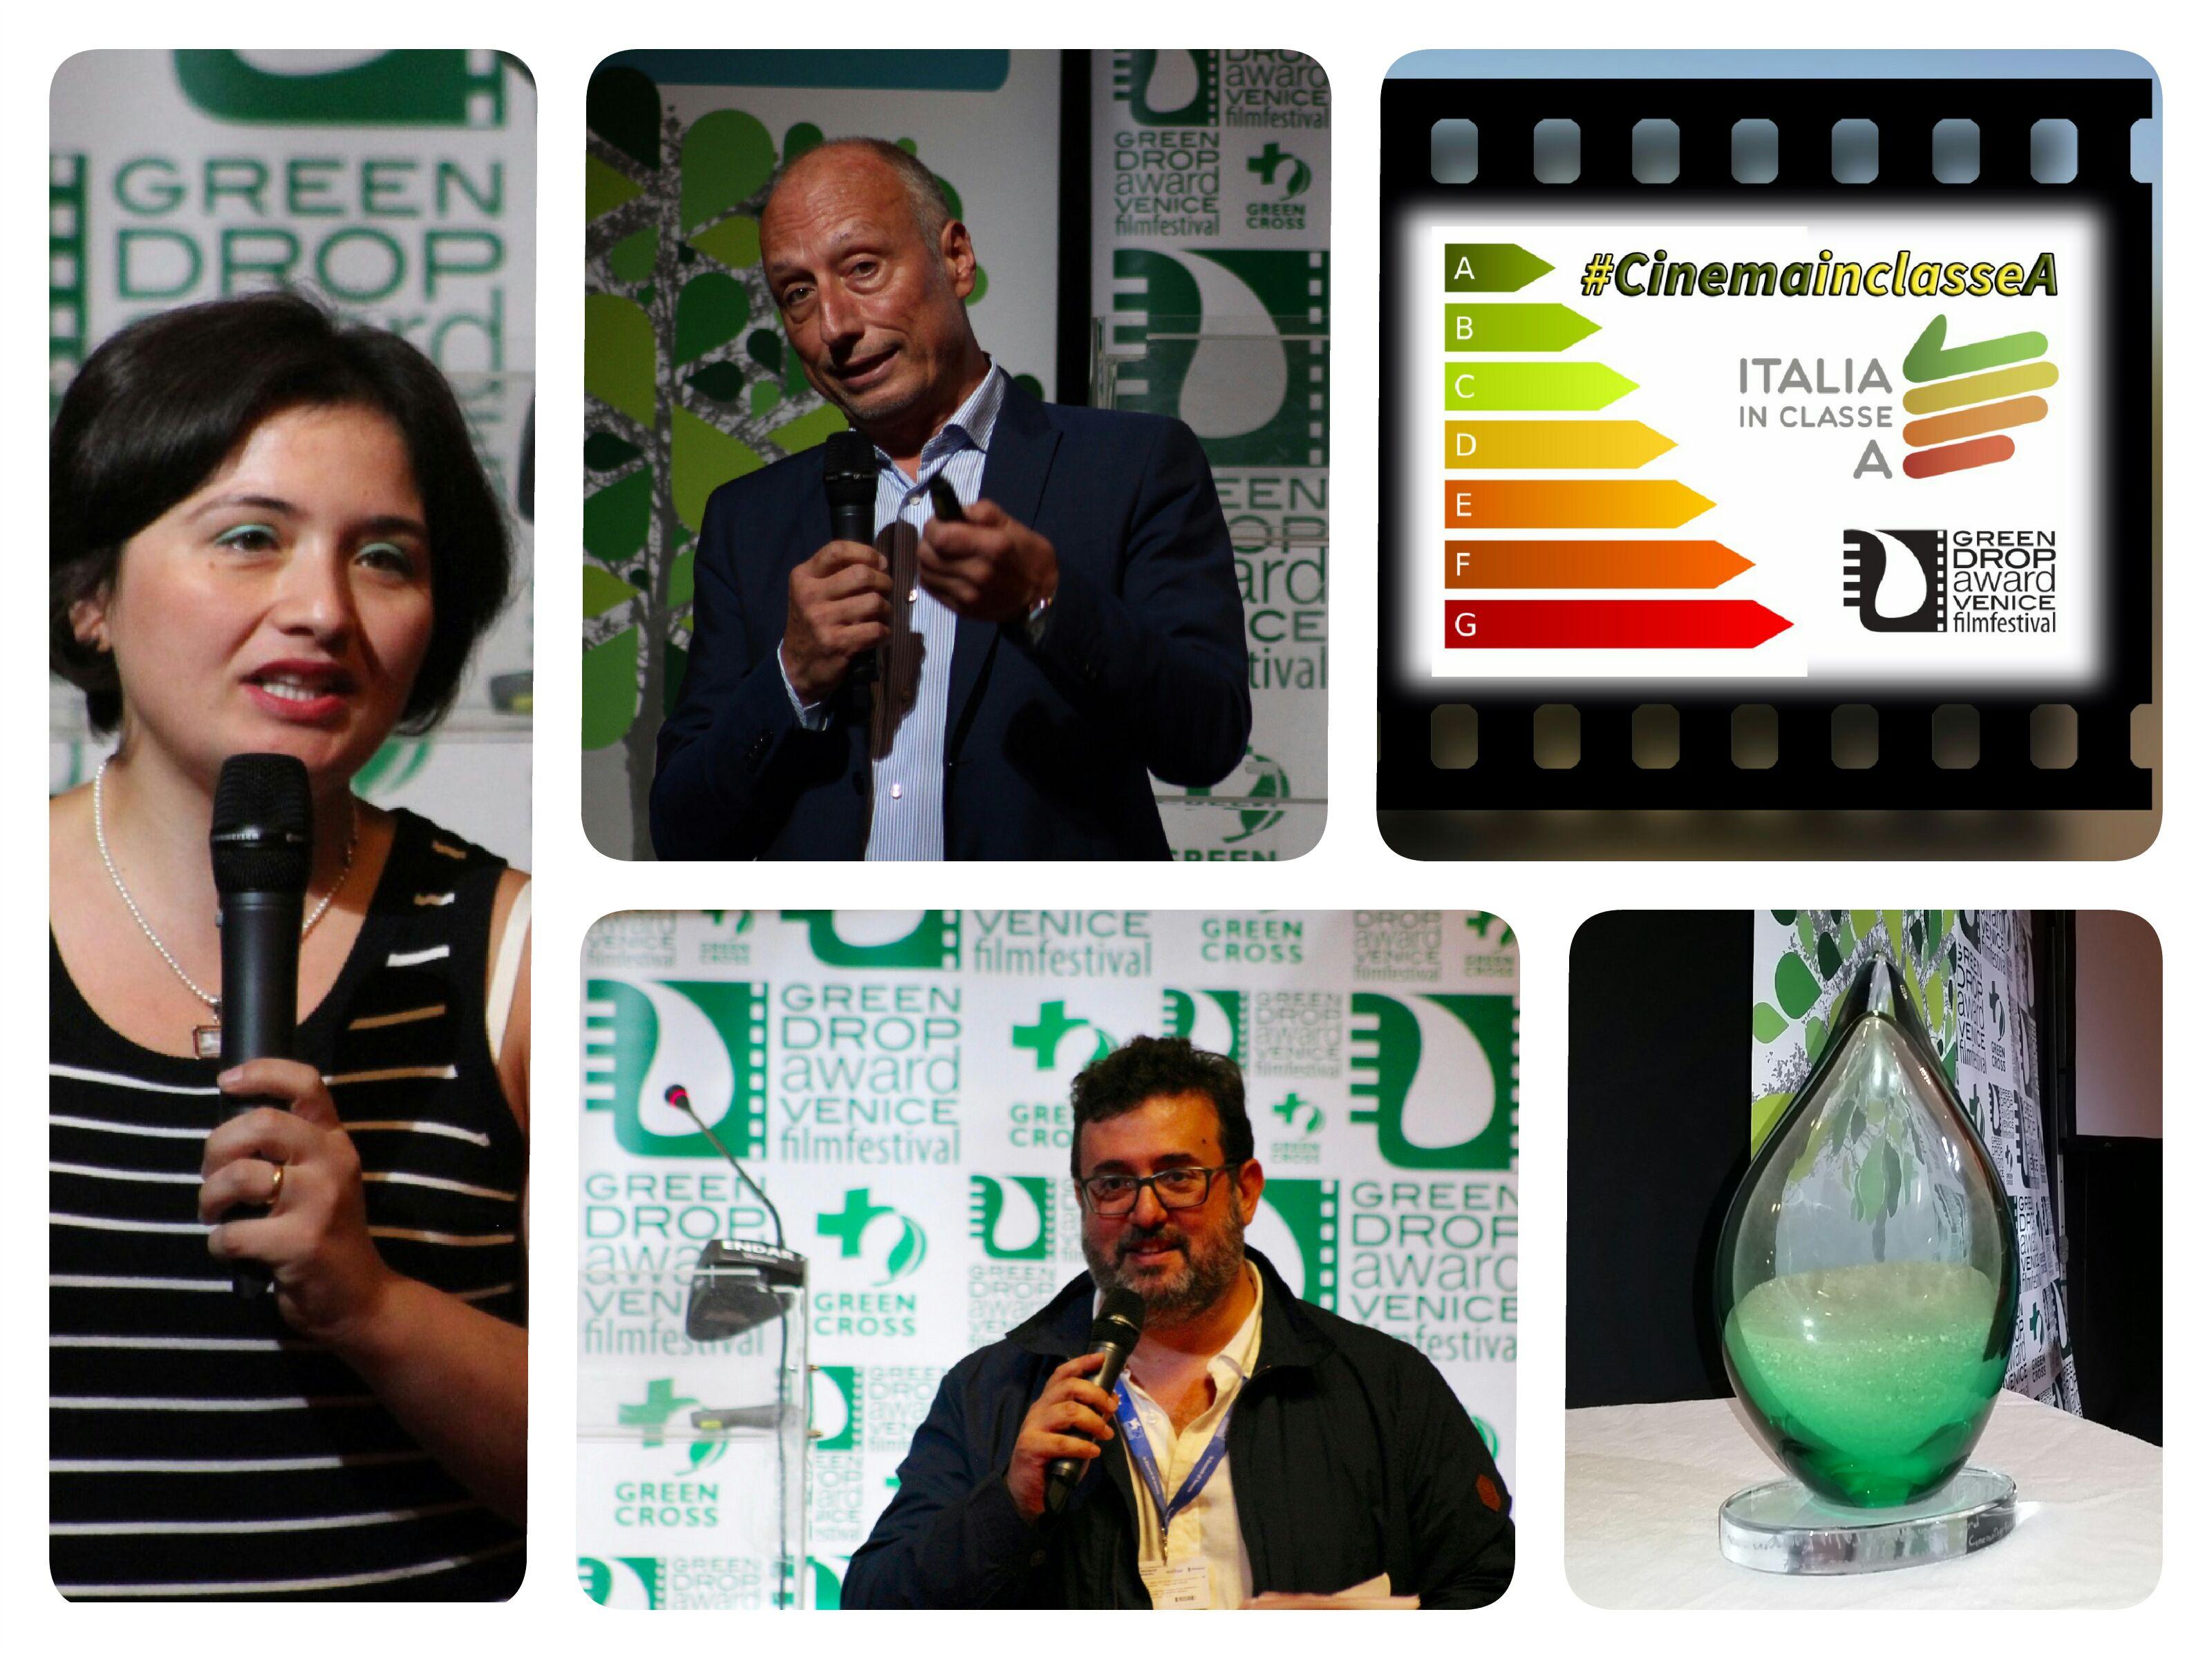 #CinemaInClasseA: da Venezia73 parte la campagna di ENEA eGreenCross Italia su cinema, efficienza e sostenibilità